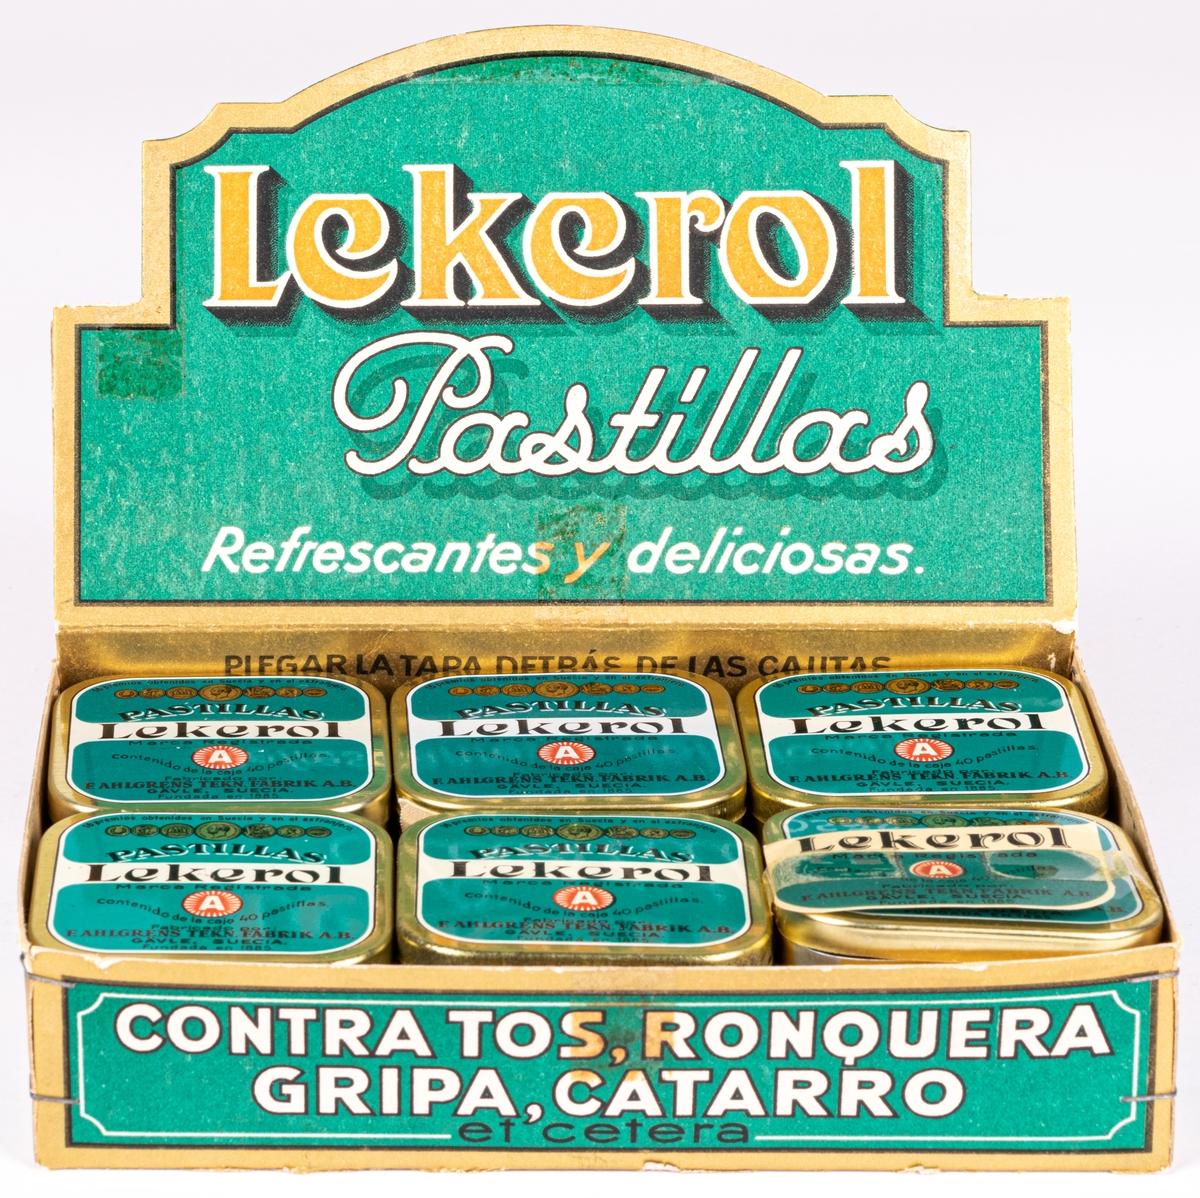 """Reklamställ i papp för tablettaskar, innehållande tolv tablettaskar i plåt med texten: """"LEKEROL PASTILLAS REFRESCANTES Y DELICIOSAS."""""""